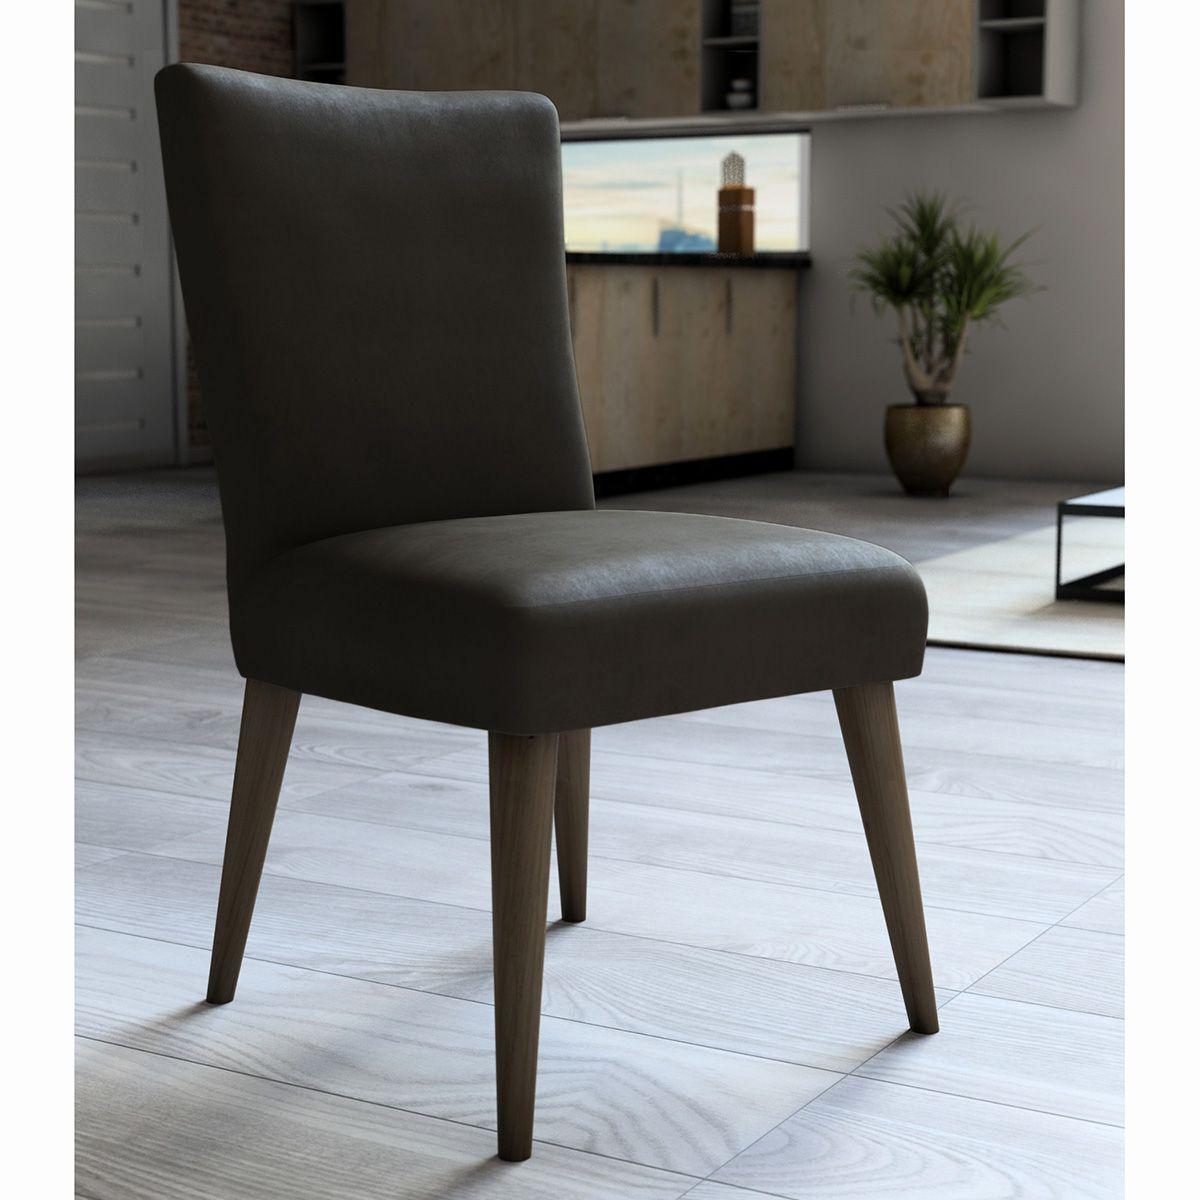 Capa P/ Cadeira - Luxo - Veludo - Marrom - Adomes